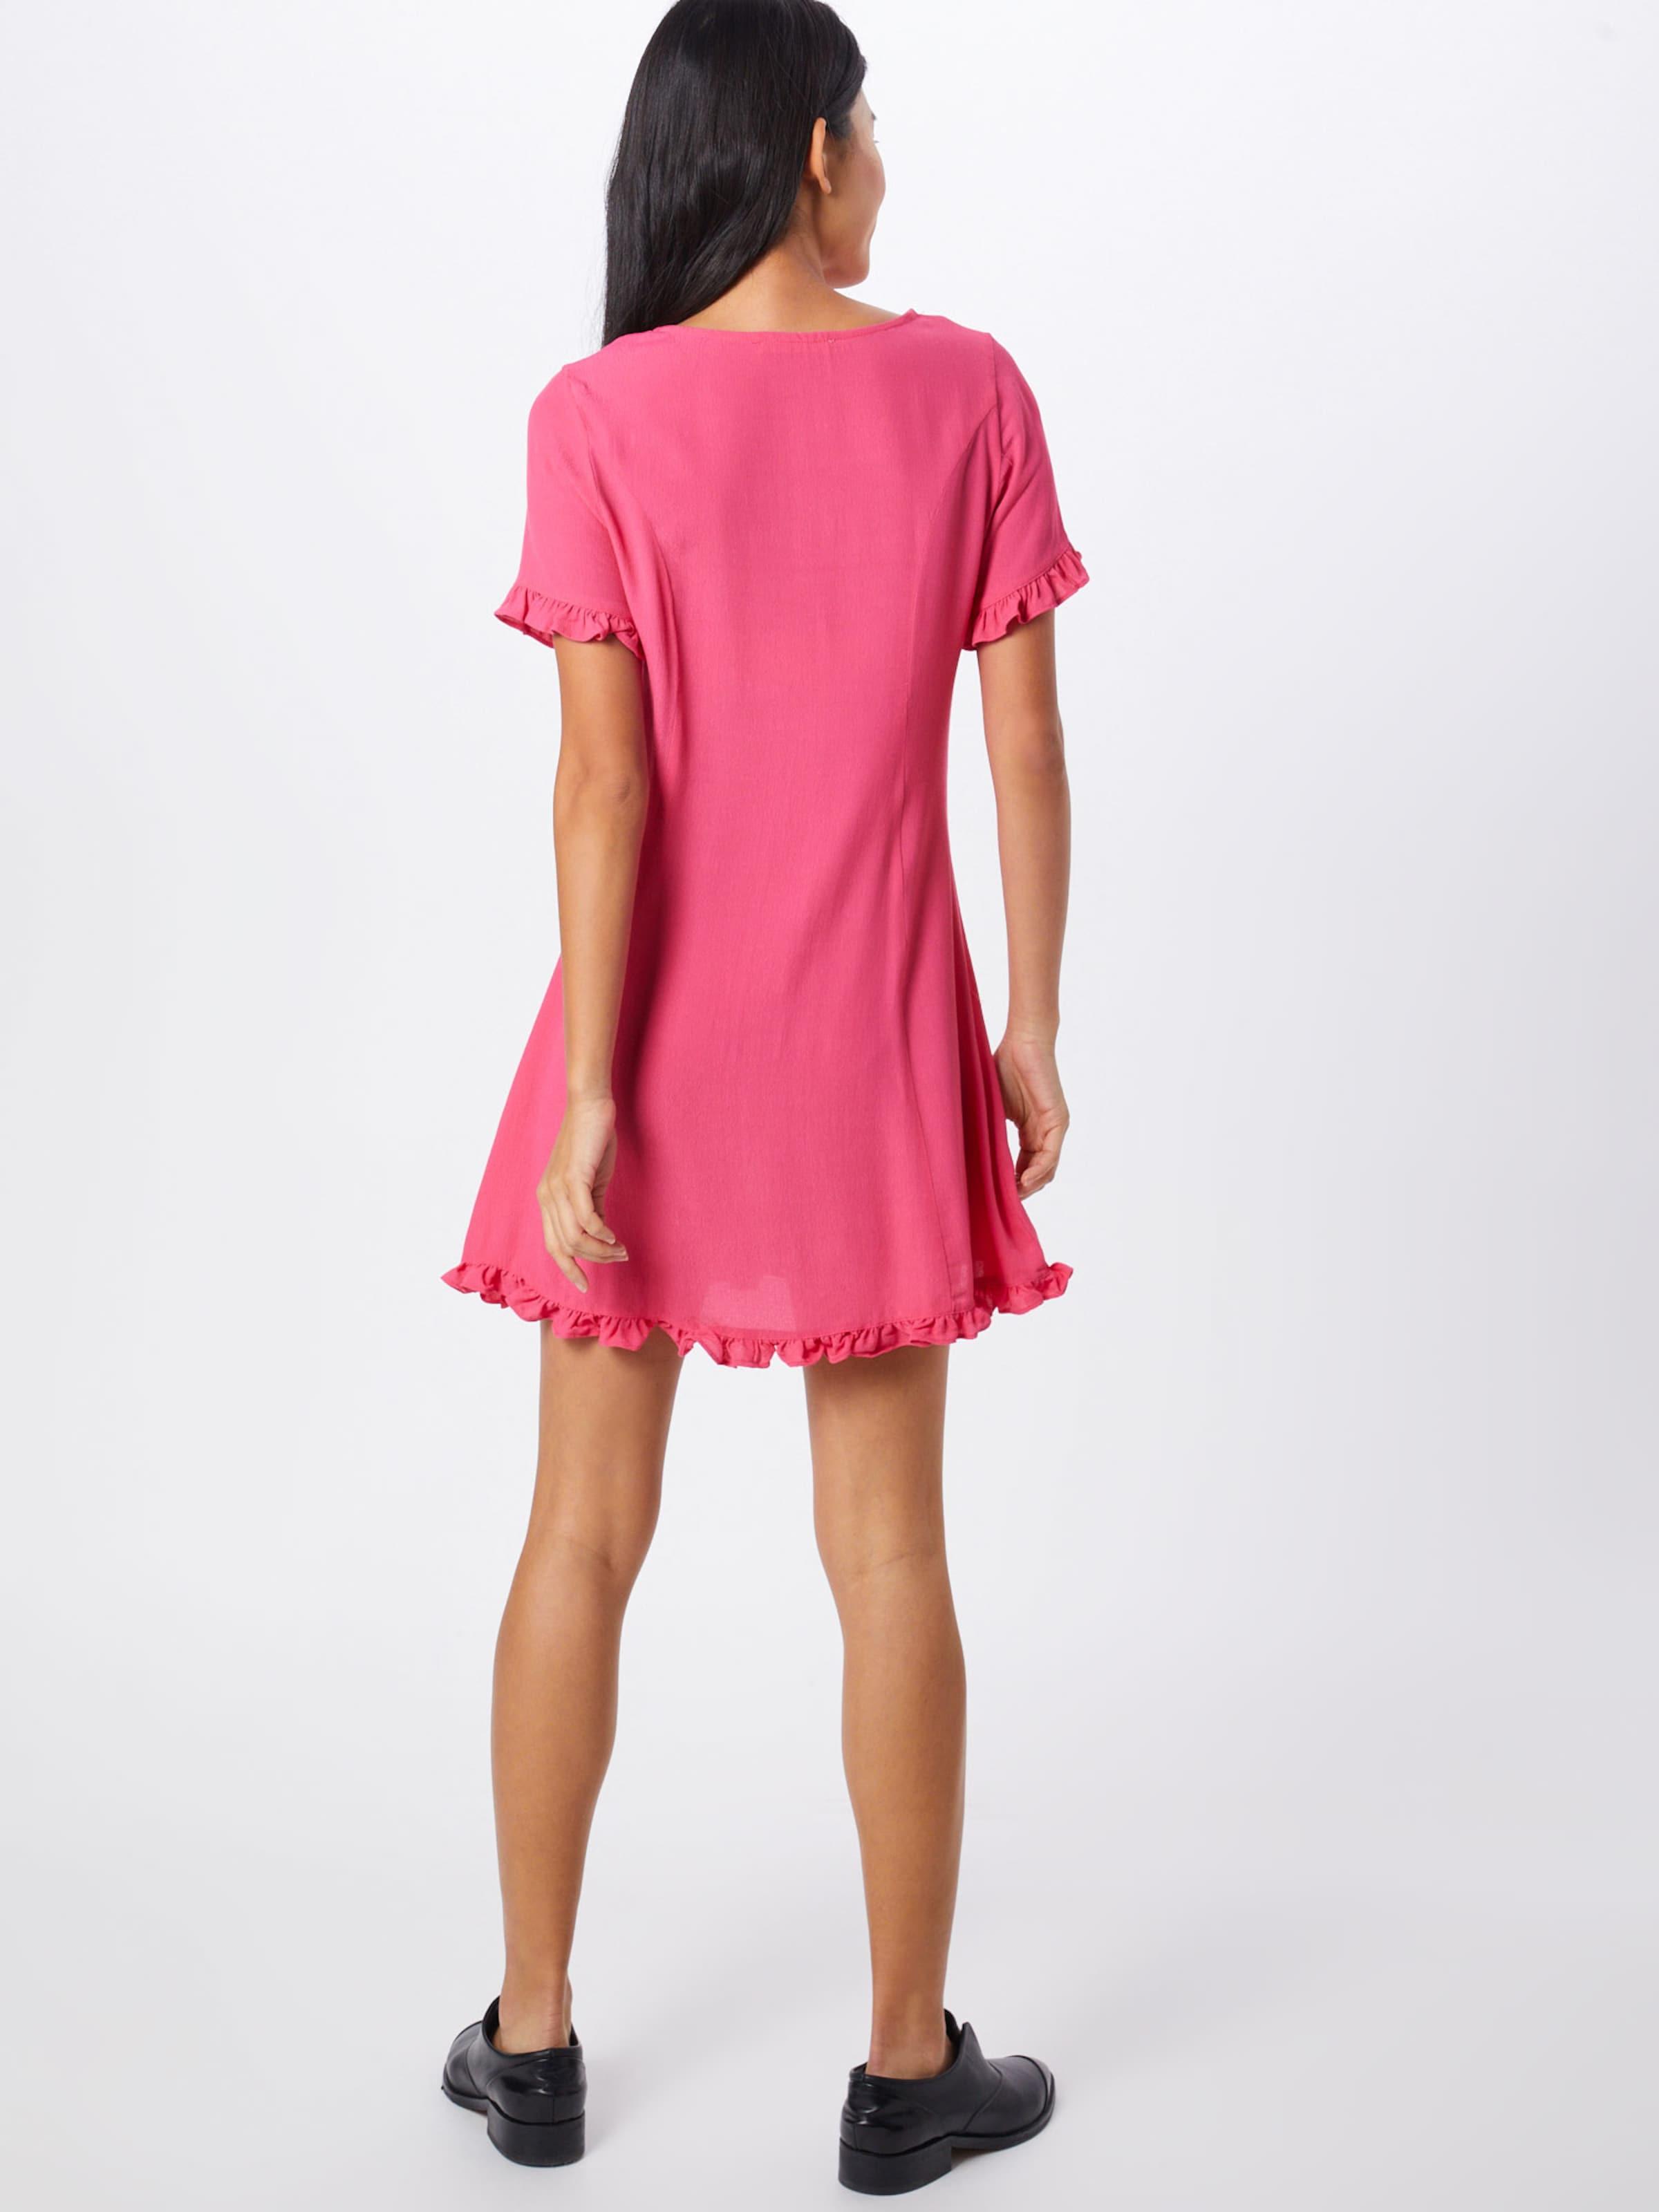 'ck5316' Robe Glamorous 'ck5316' Glamorous En Rose Robe En 29HIWDE